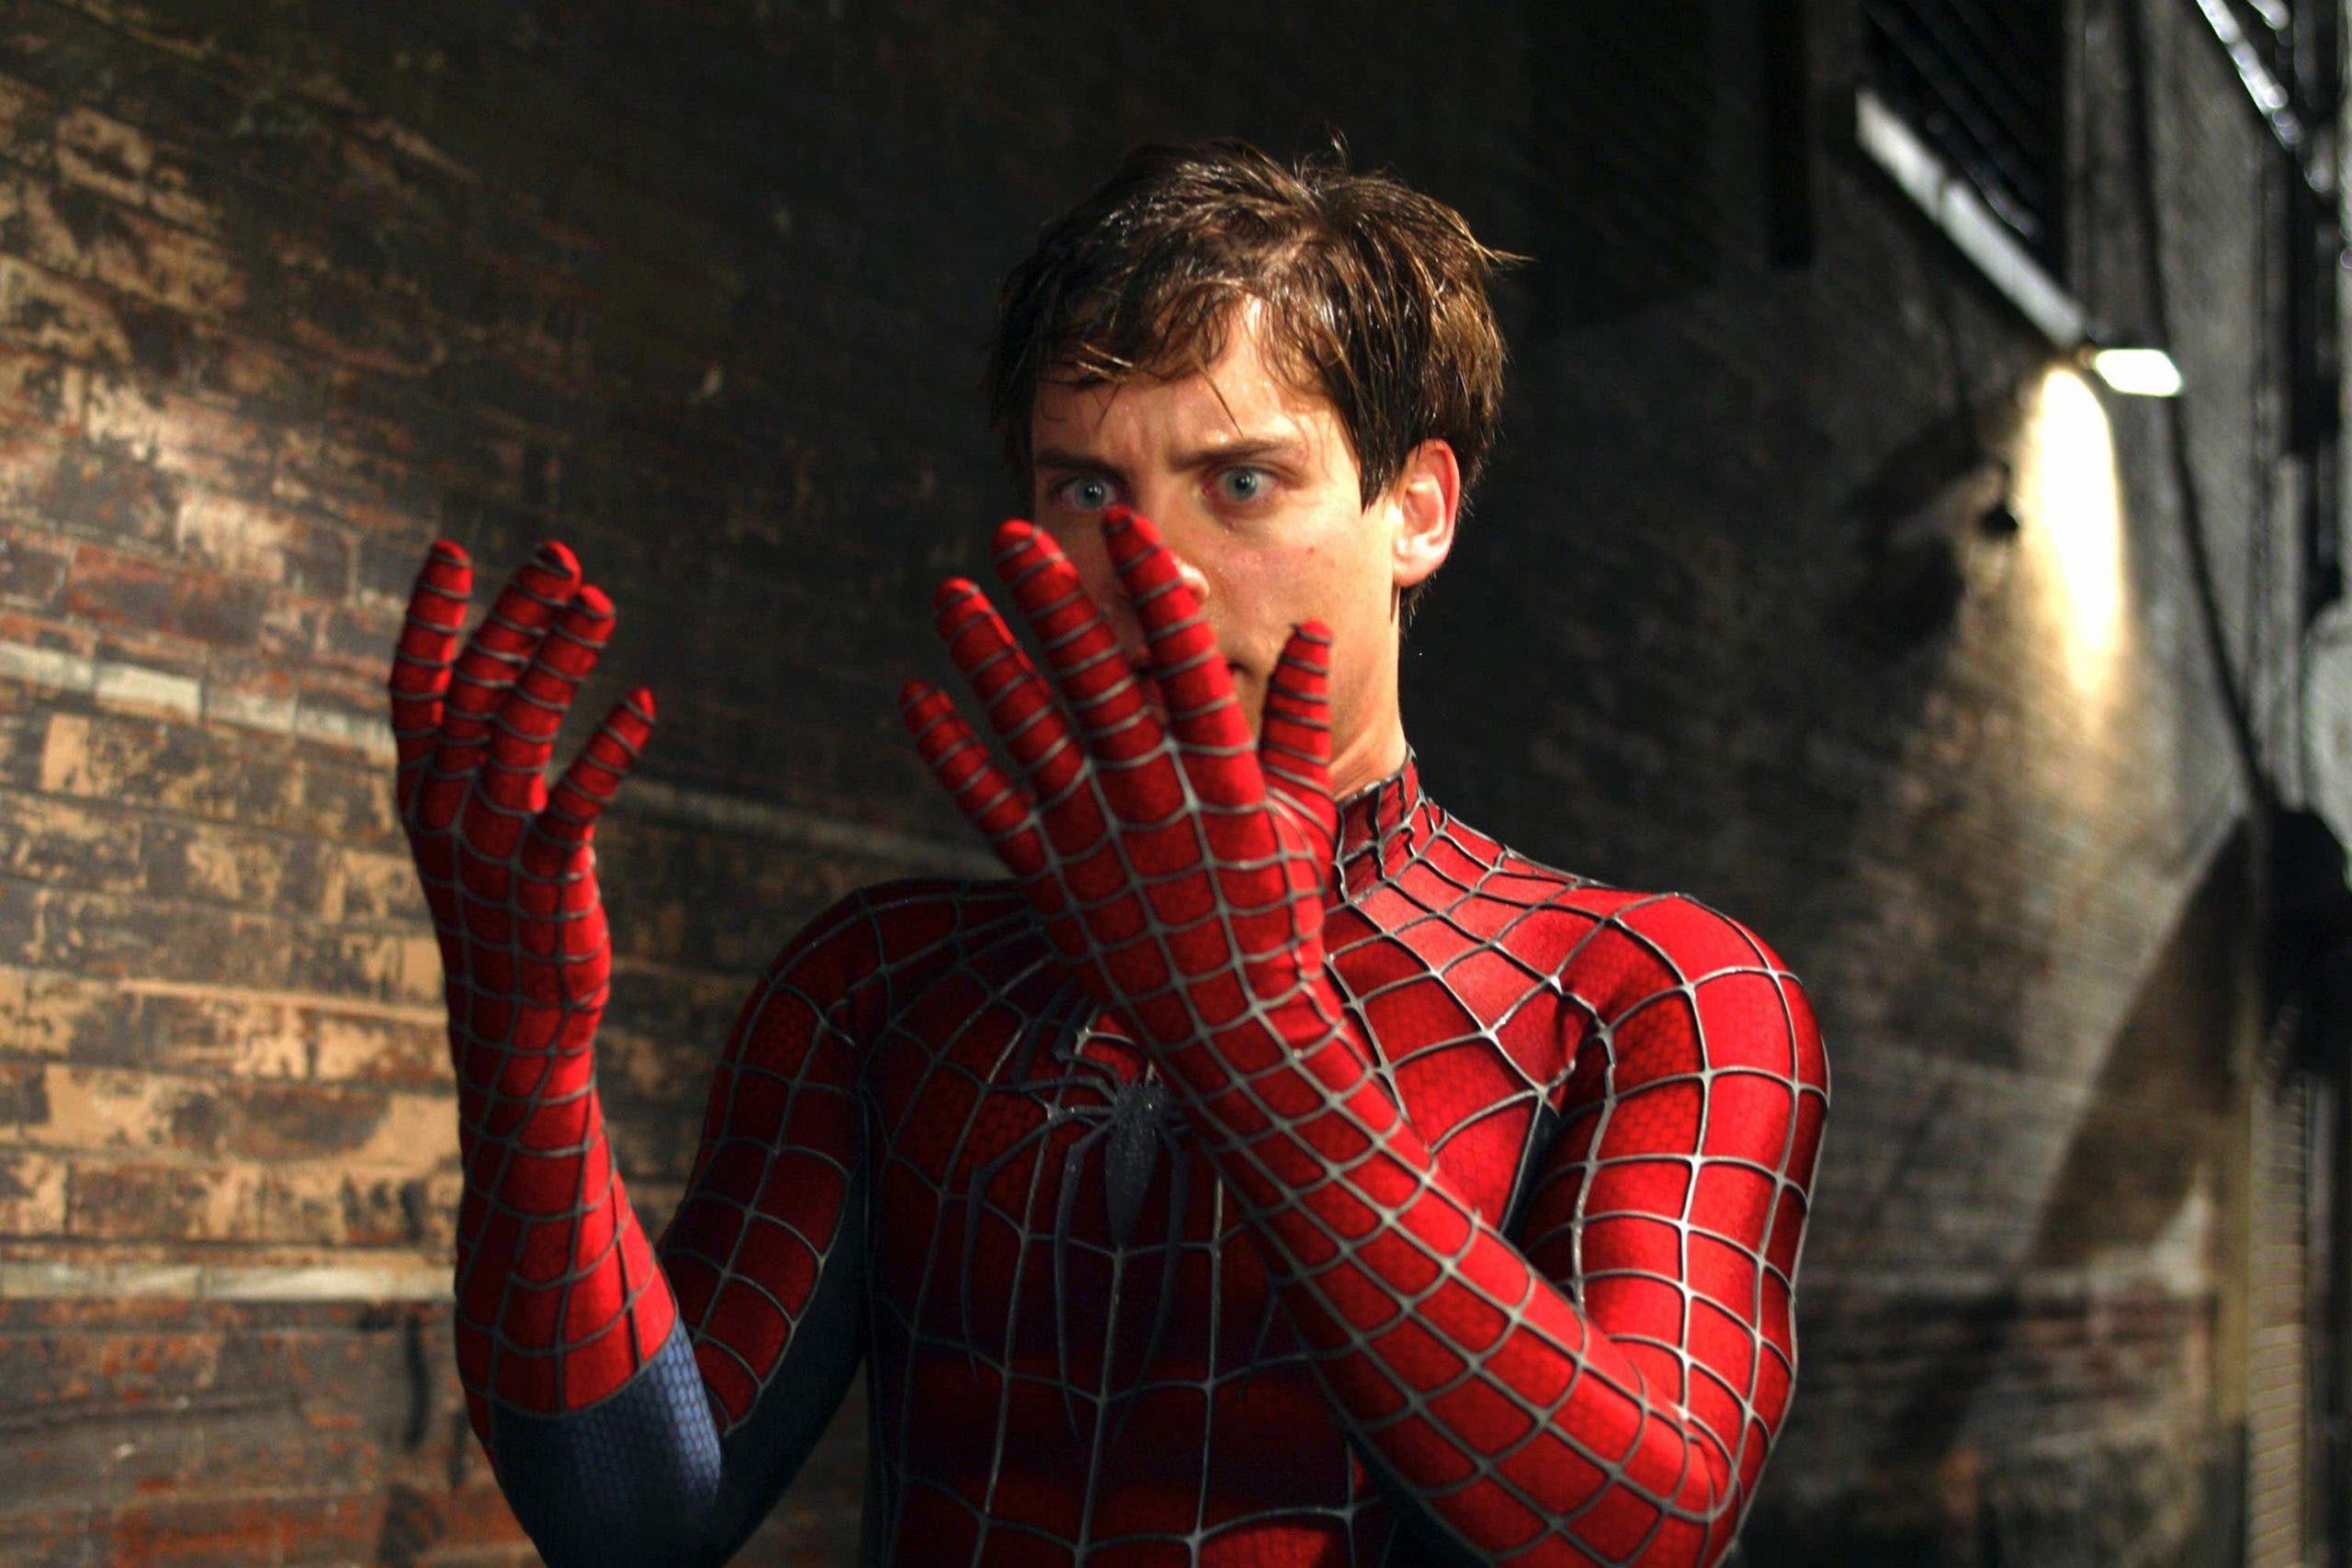 Punisher tuvo un cameo en Spider-Man 2 con Tobey Maguire y no te diste cuenta